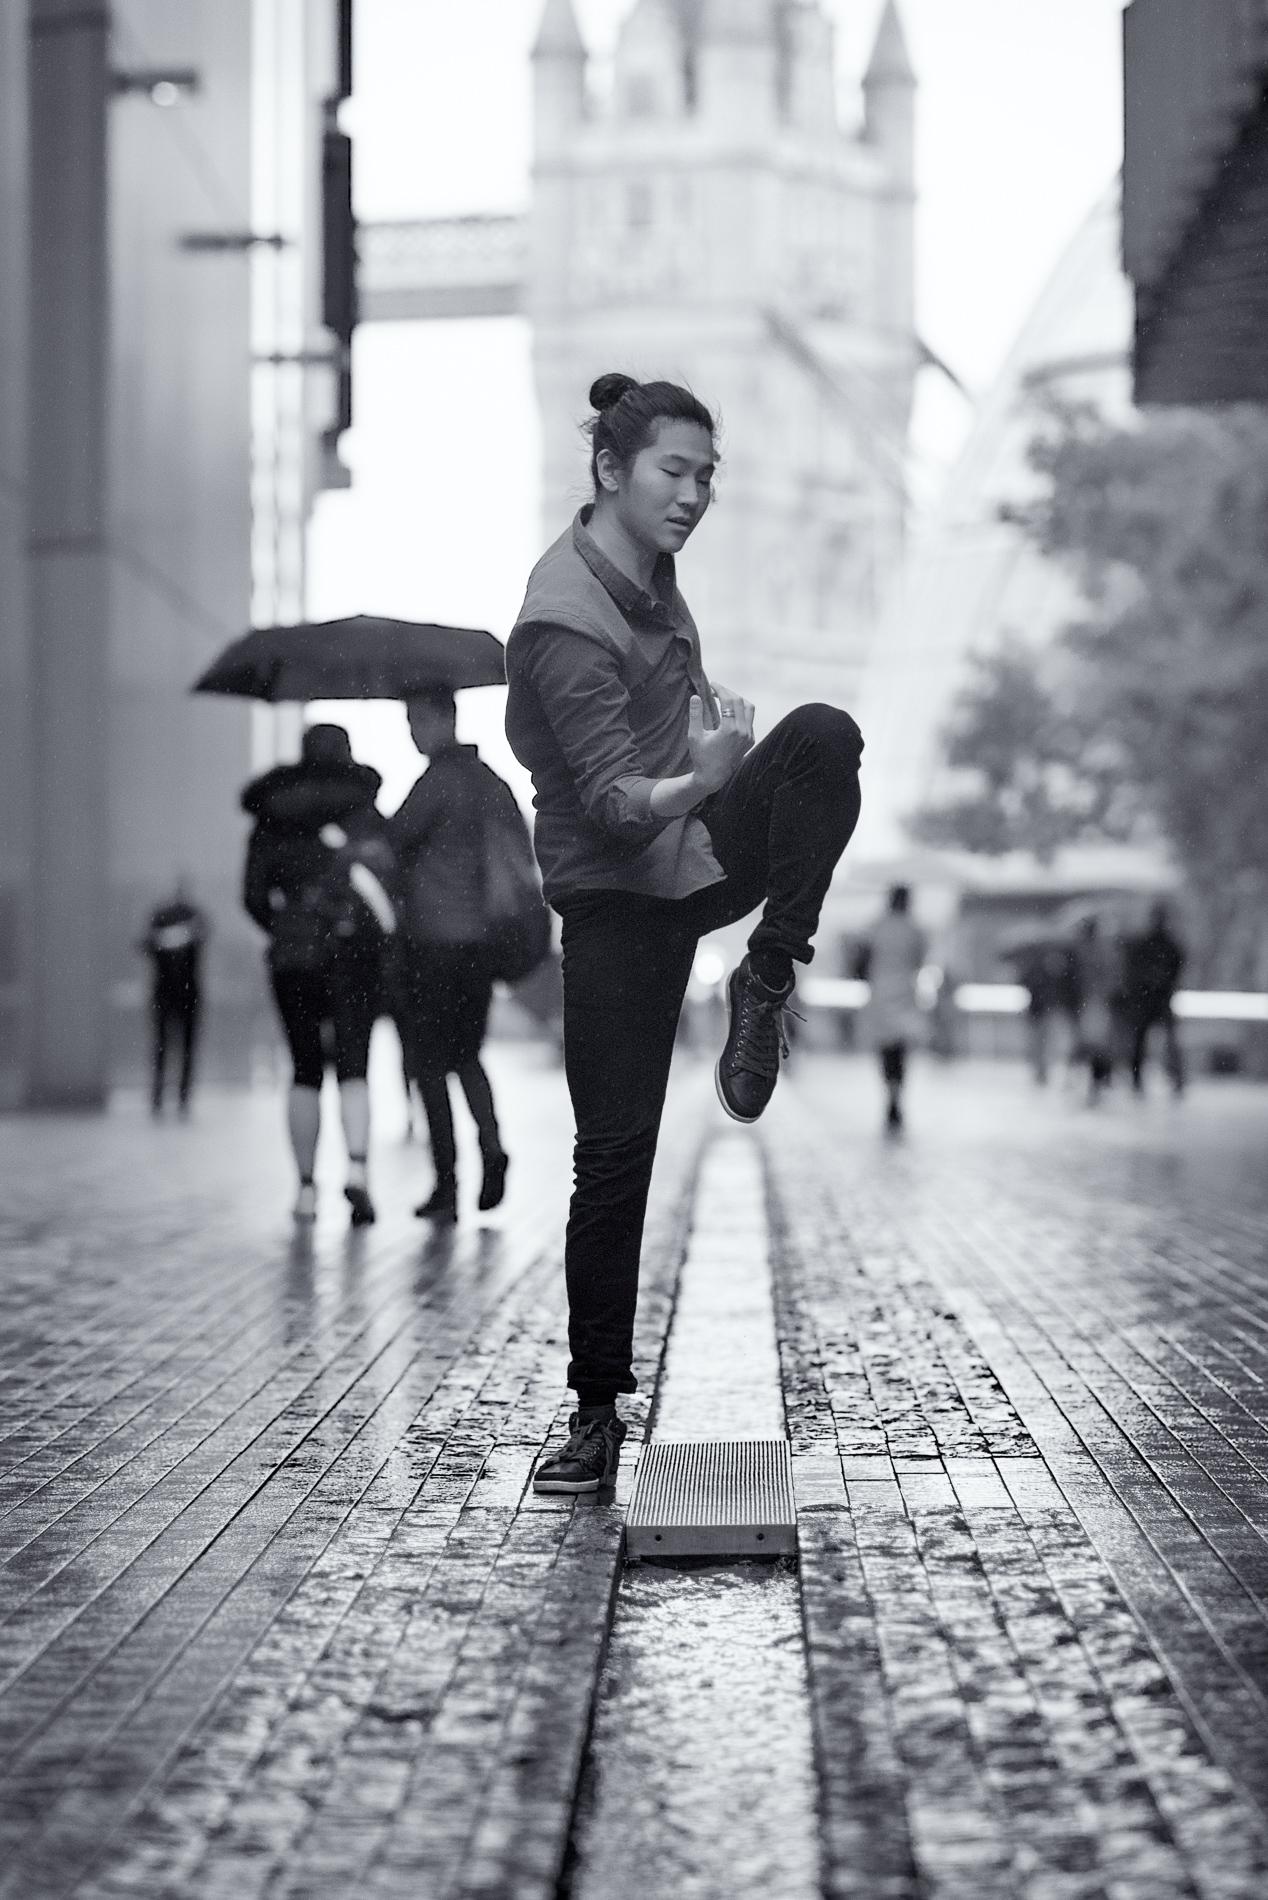 RAIN DANCE   series  ⫩ Southwark, More London Riverside, London dancer:   Daniel Persson